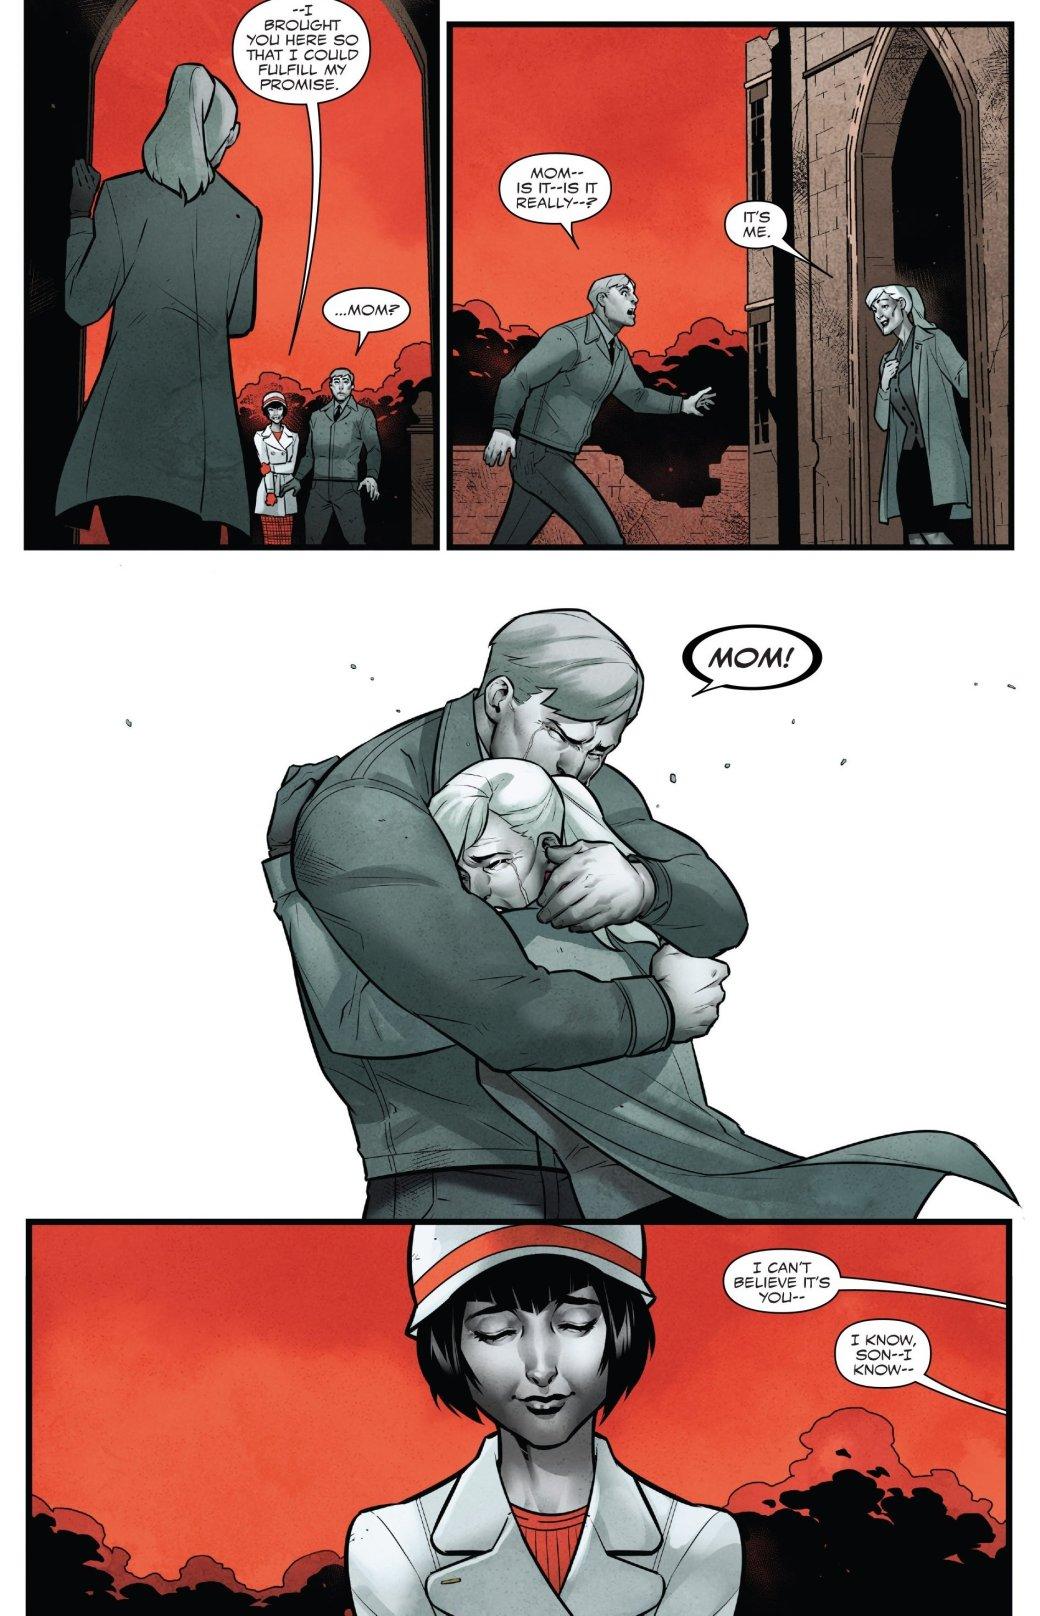 Почему изКапитана Америка получился отличный суперзлодей? - Изображение 10